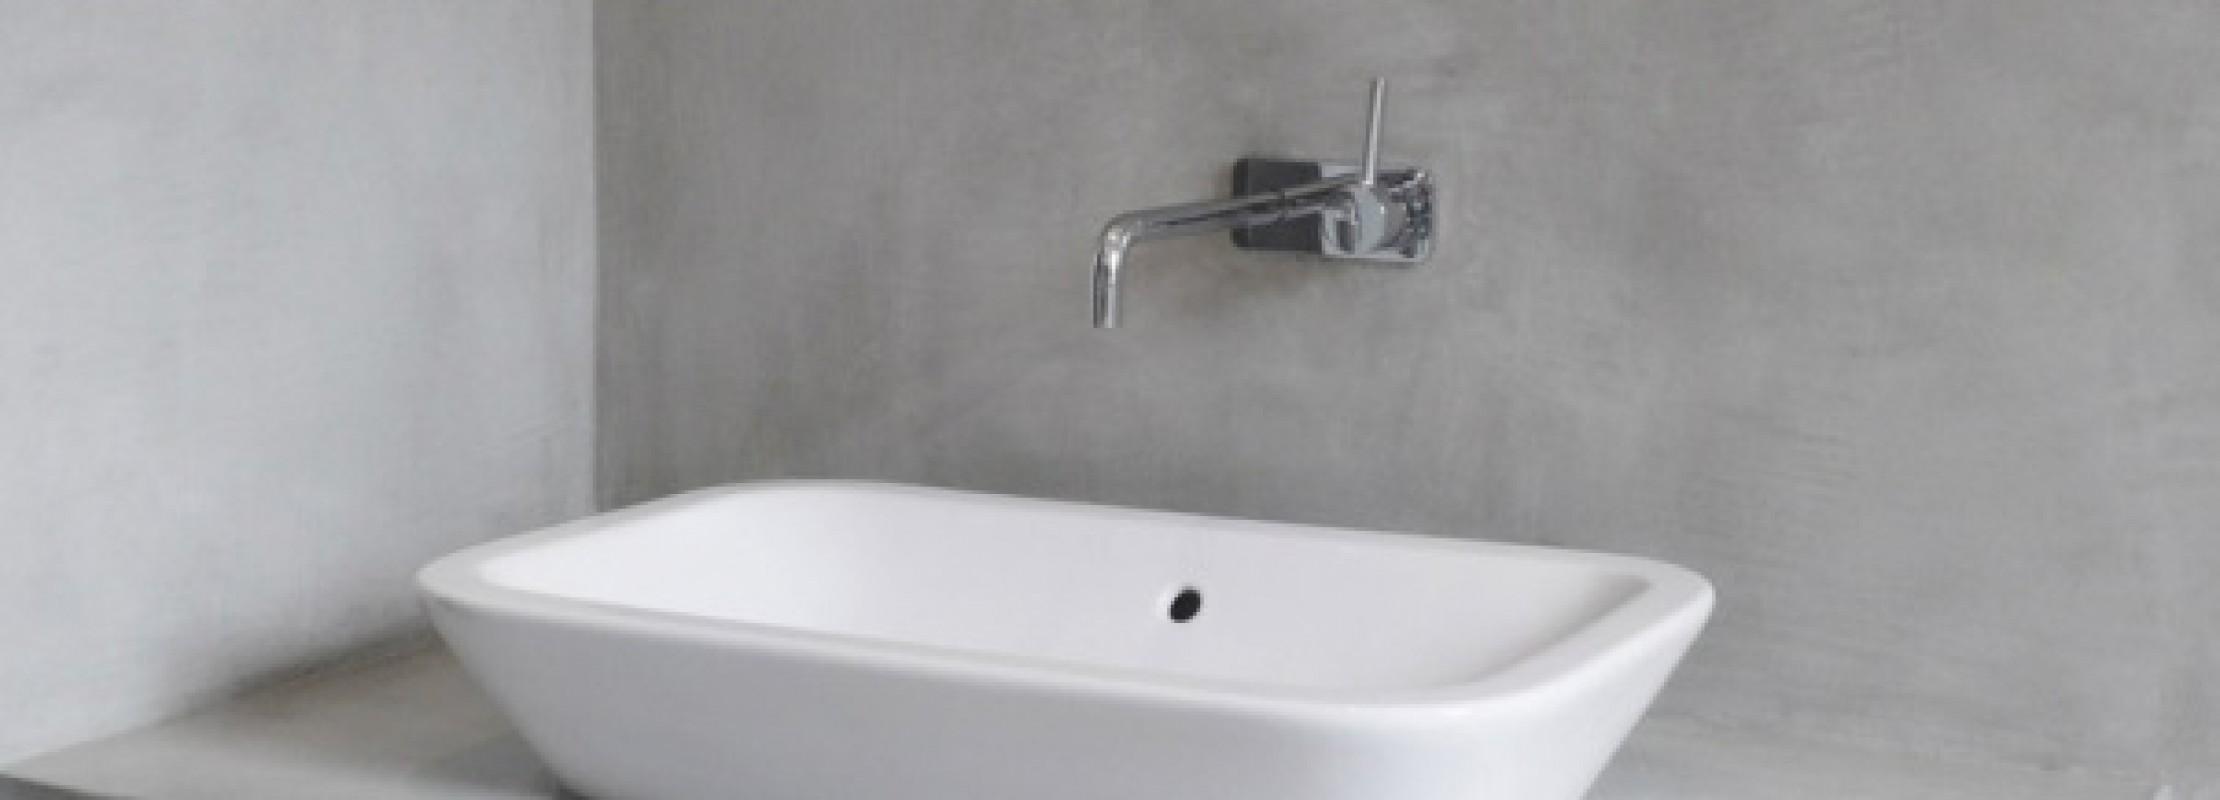 Idee Bagno Senza Piastrelle.Bagno Senza Piastrelle Prezzi E Consigli Blog Edilnet